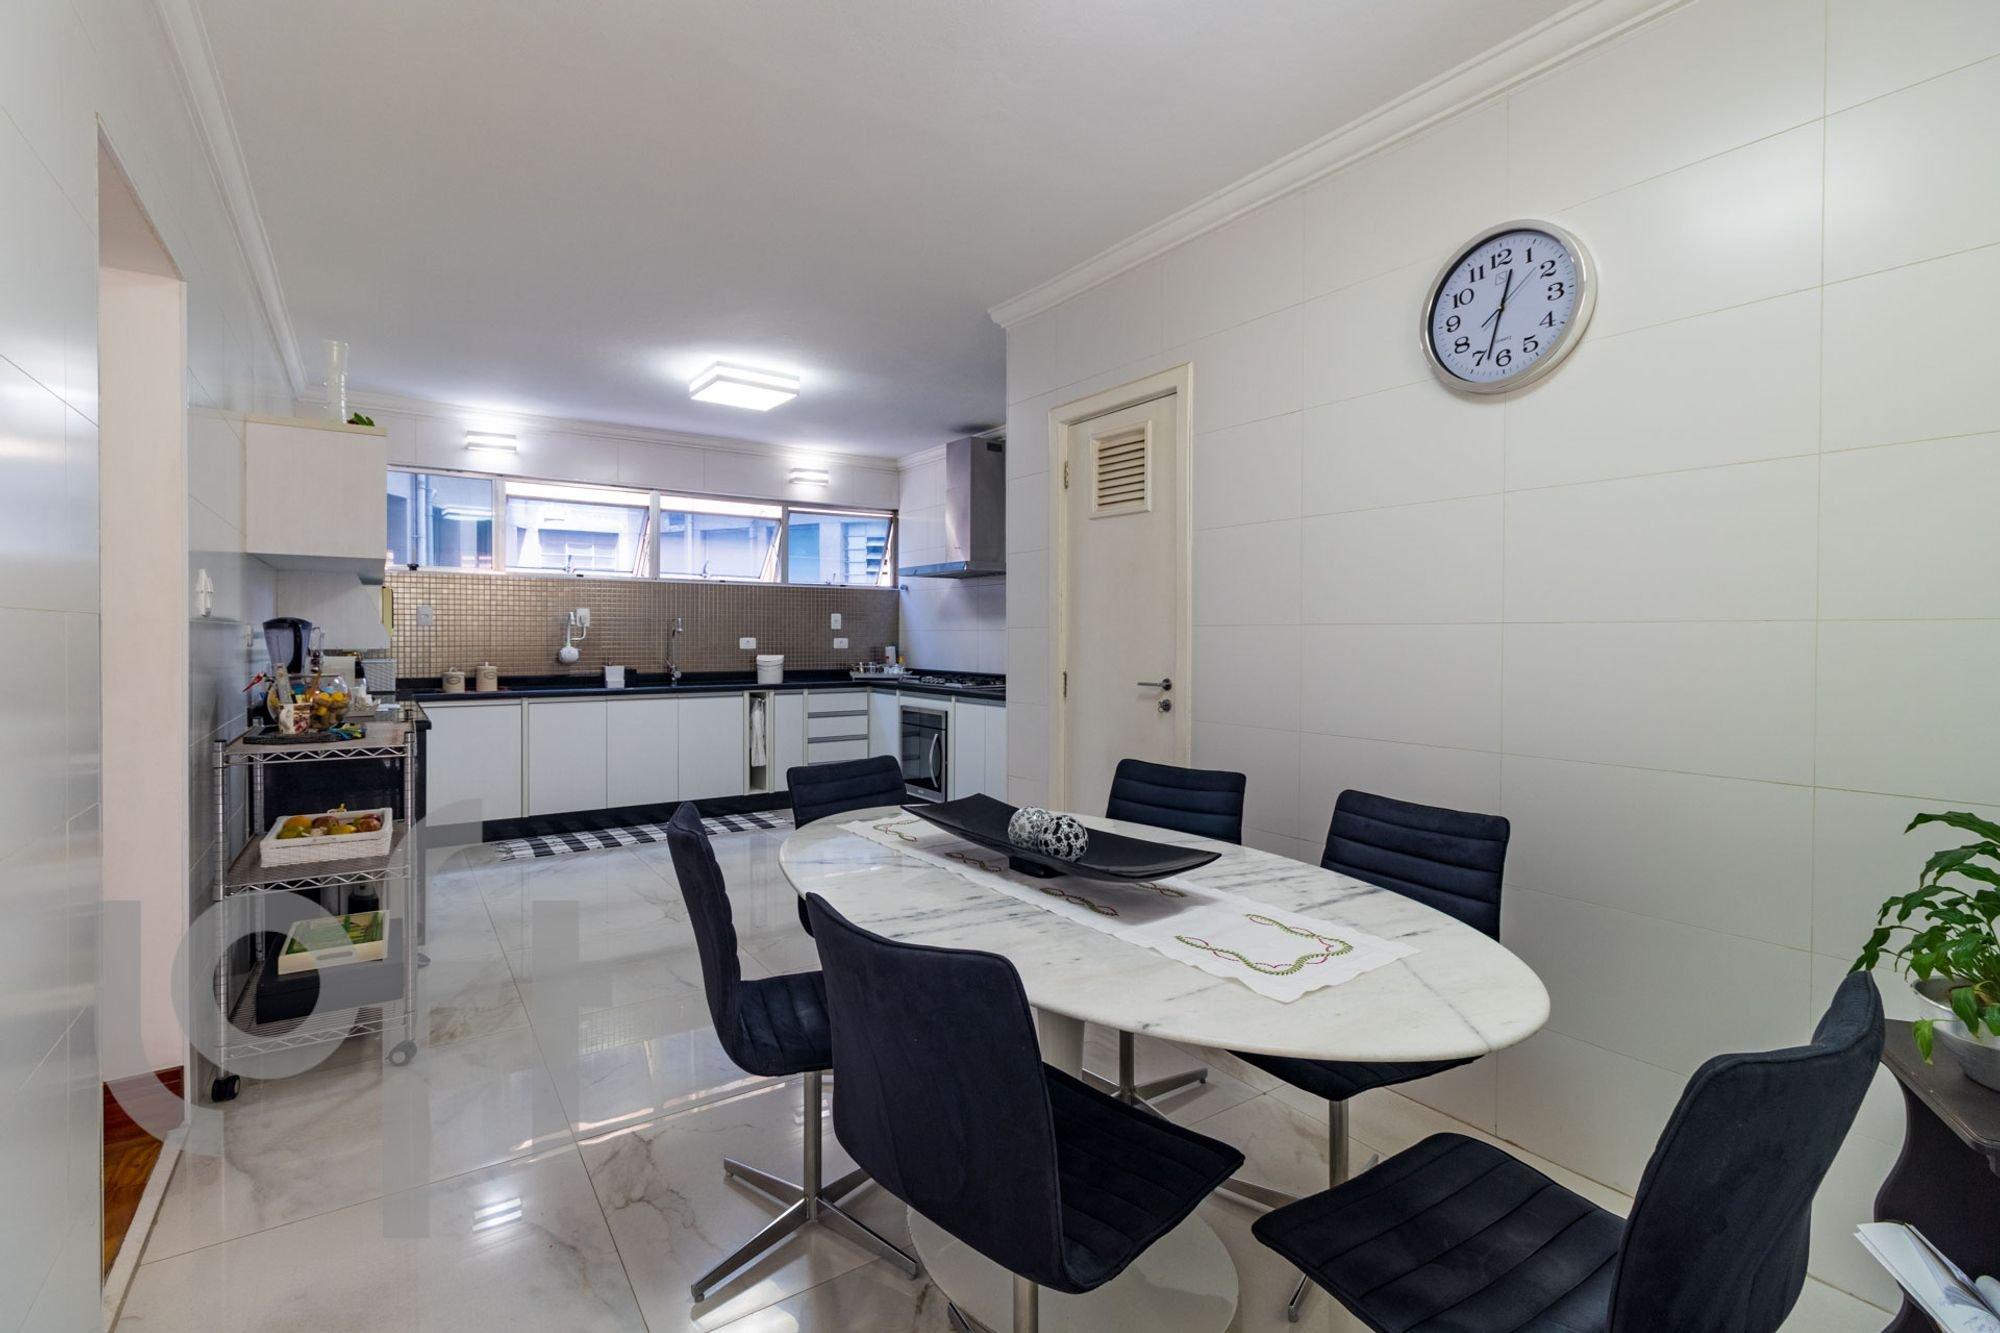 Foto de Sala com cadeira, relógio, mesa de jantar